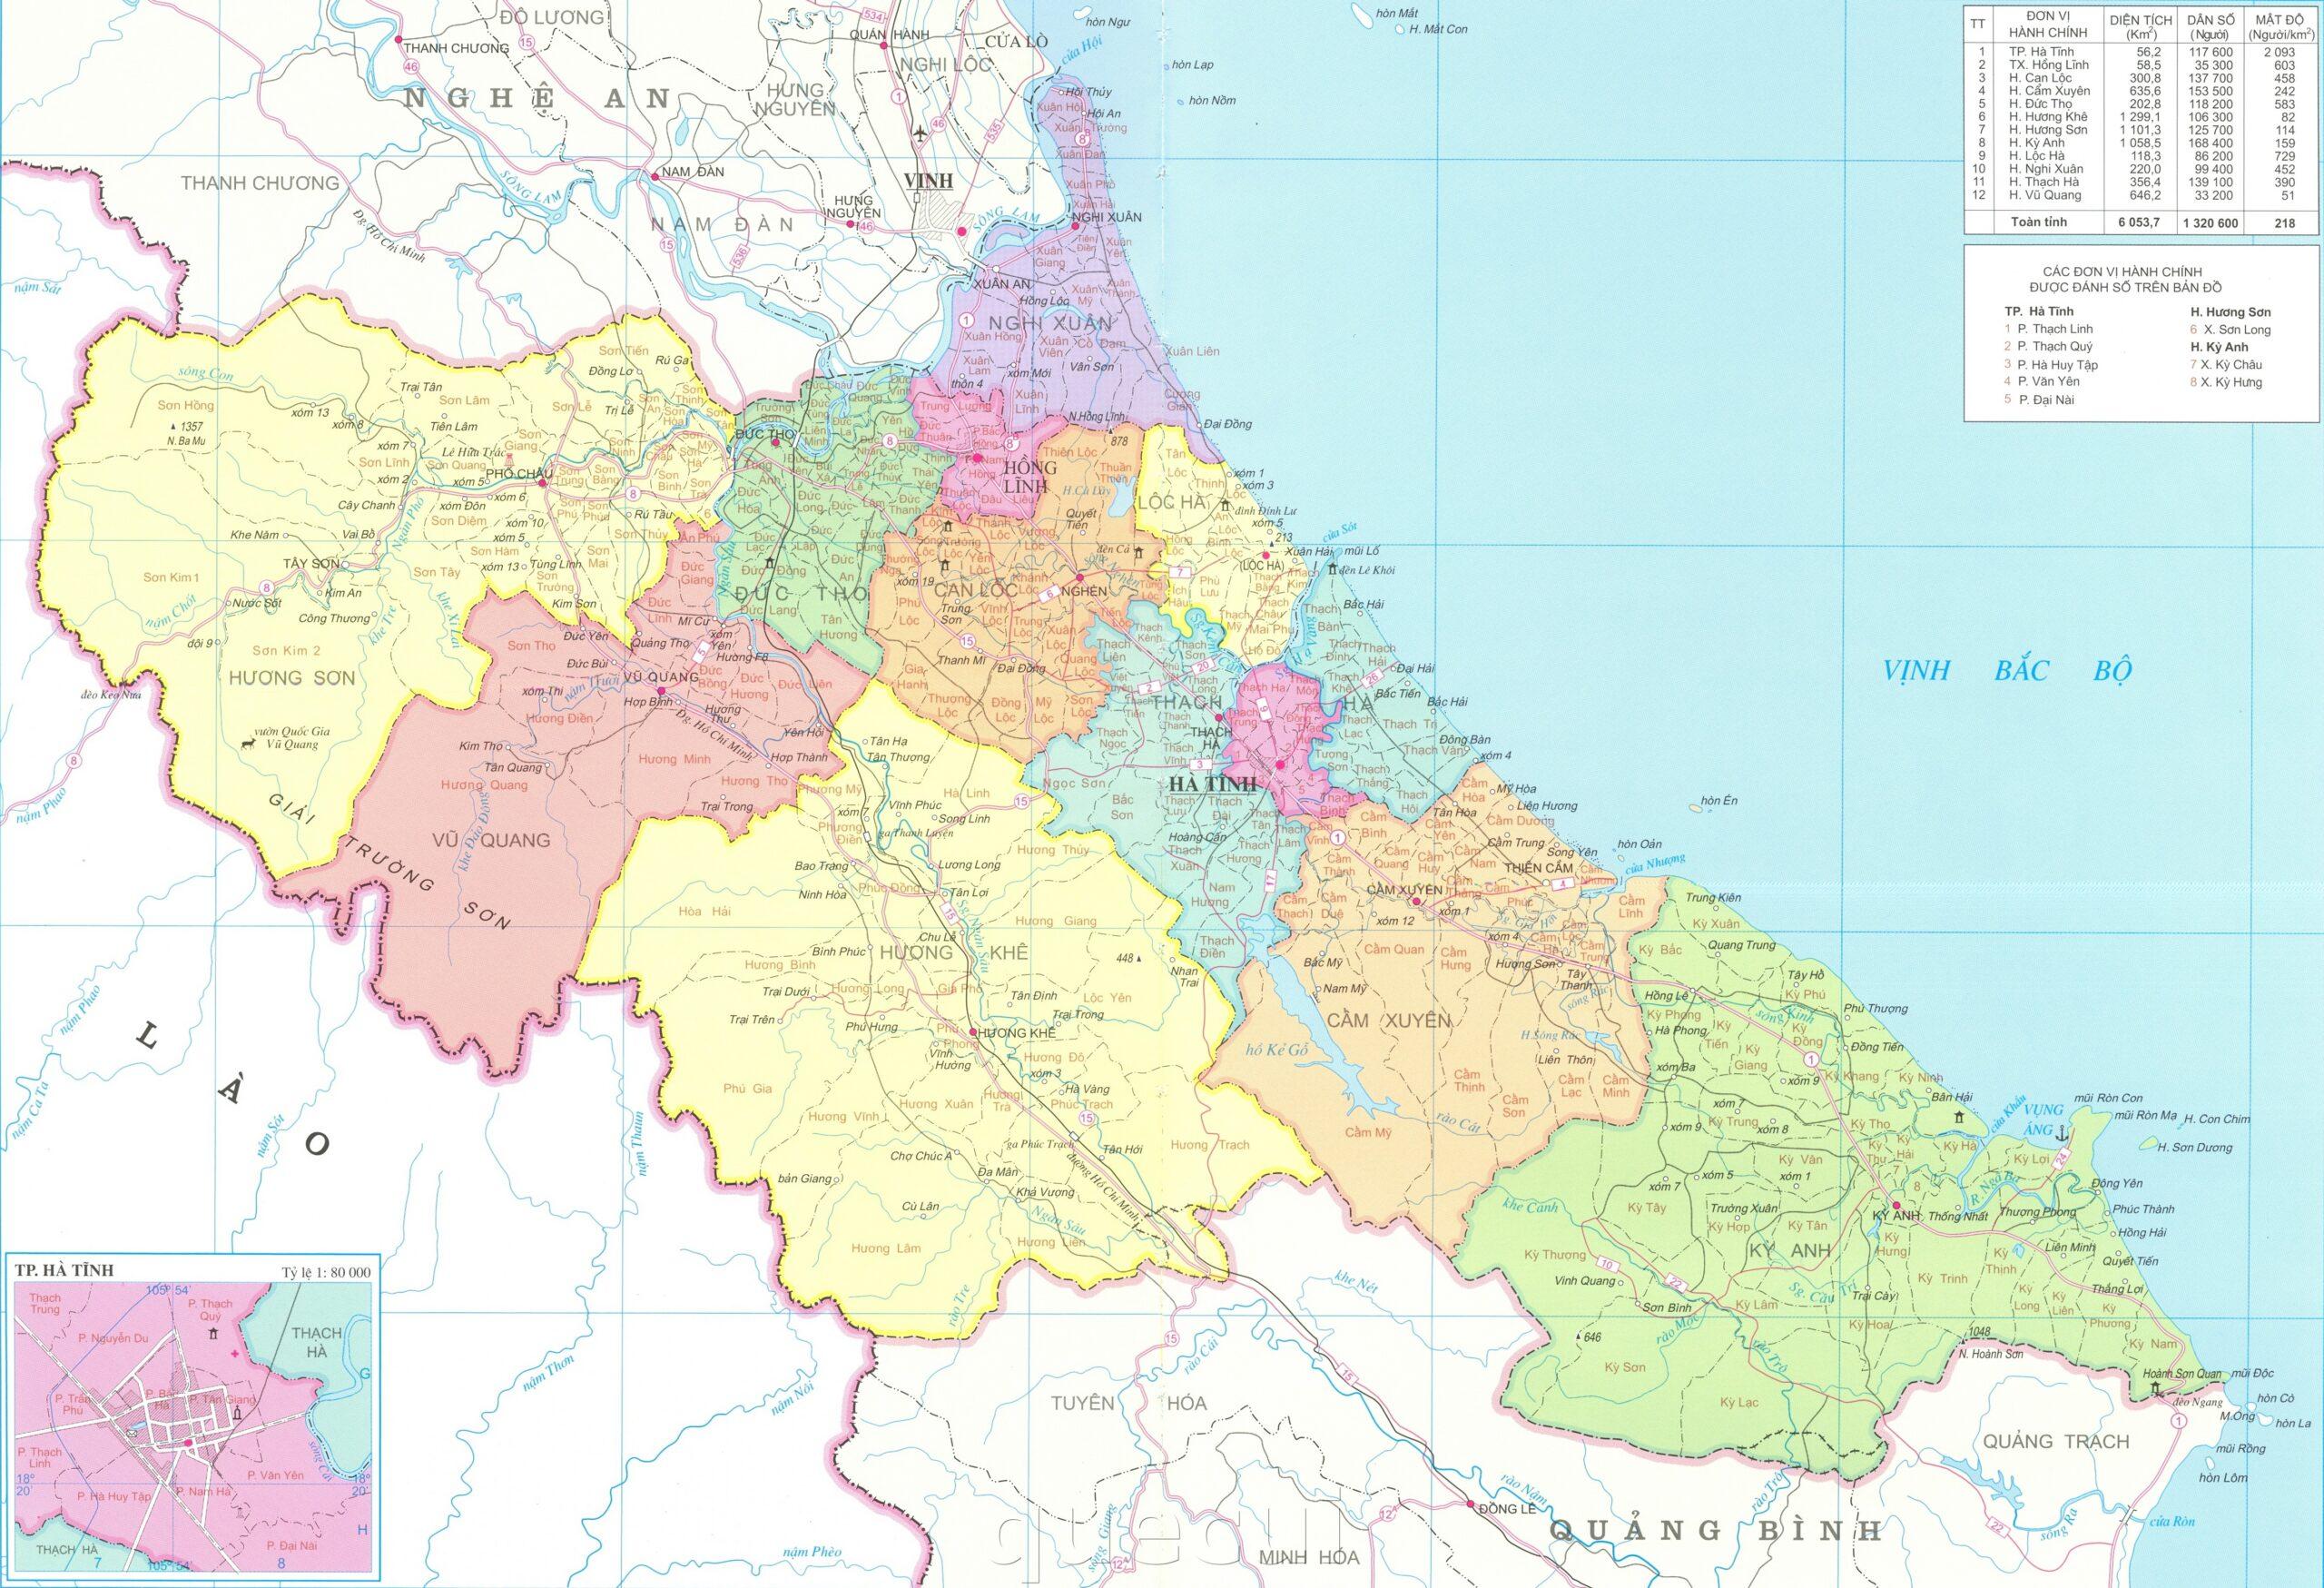 Bản đồ hành chính các xã, huyện, thành phố trên địa bàn tỉnh Hà Tĩnh